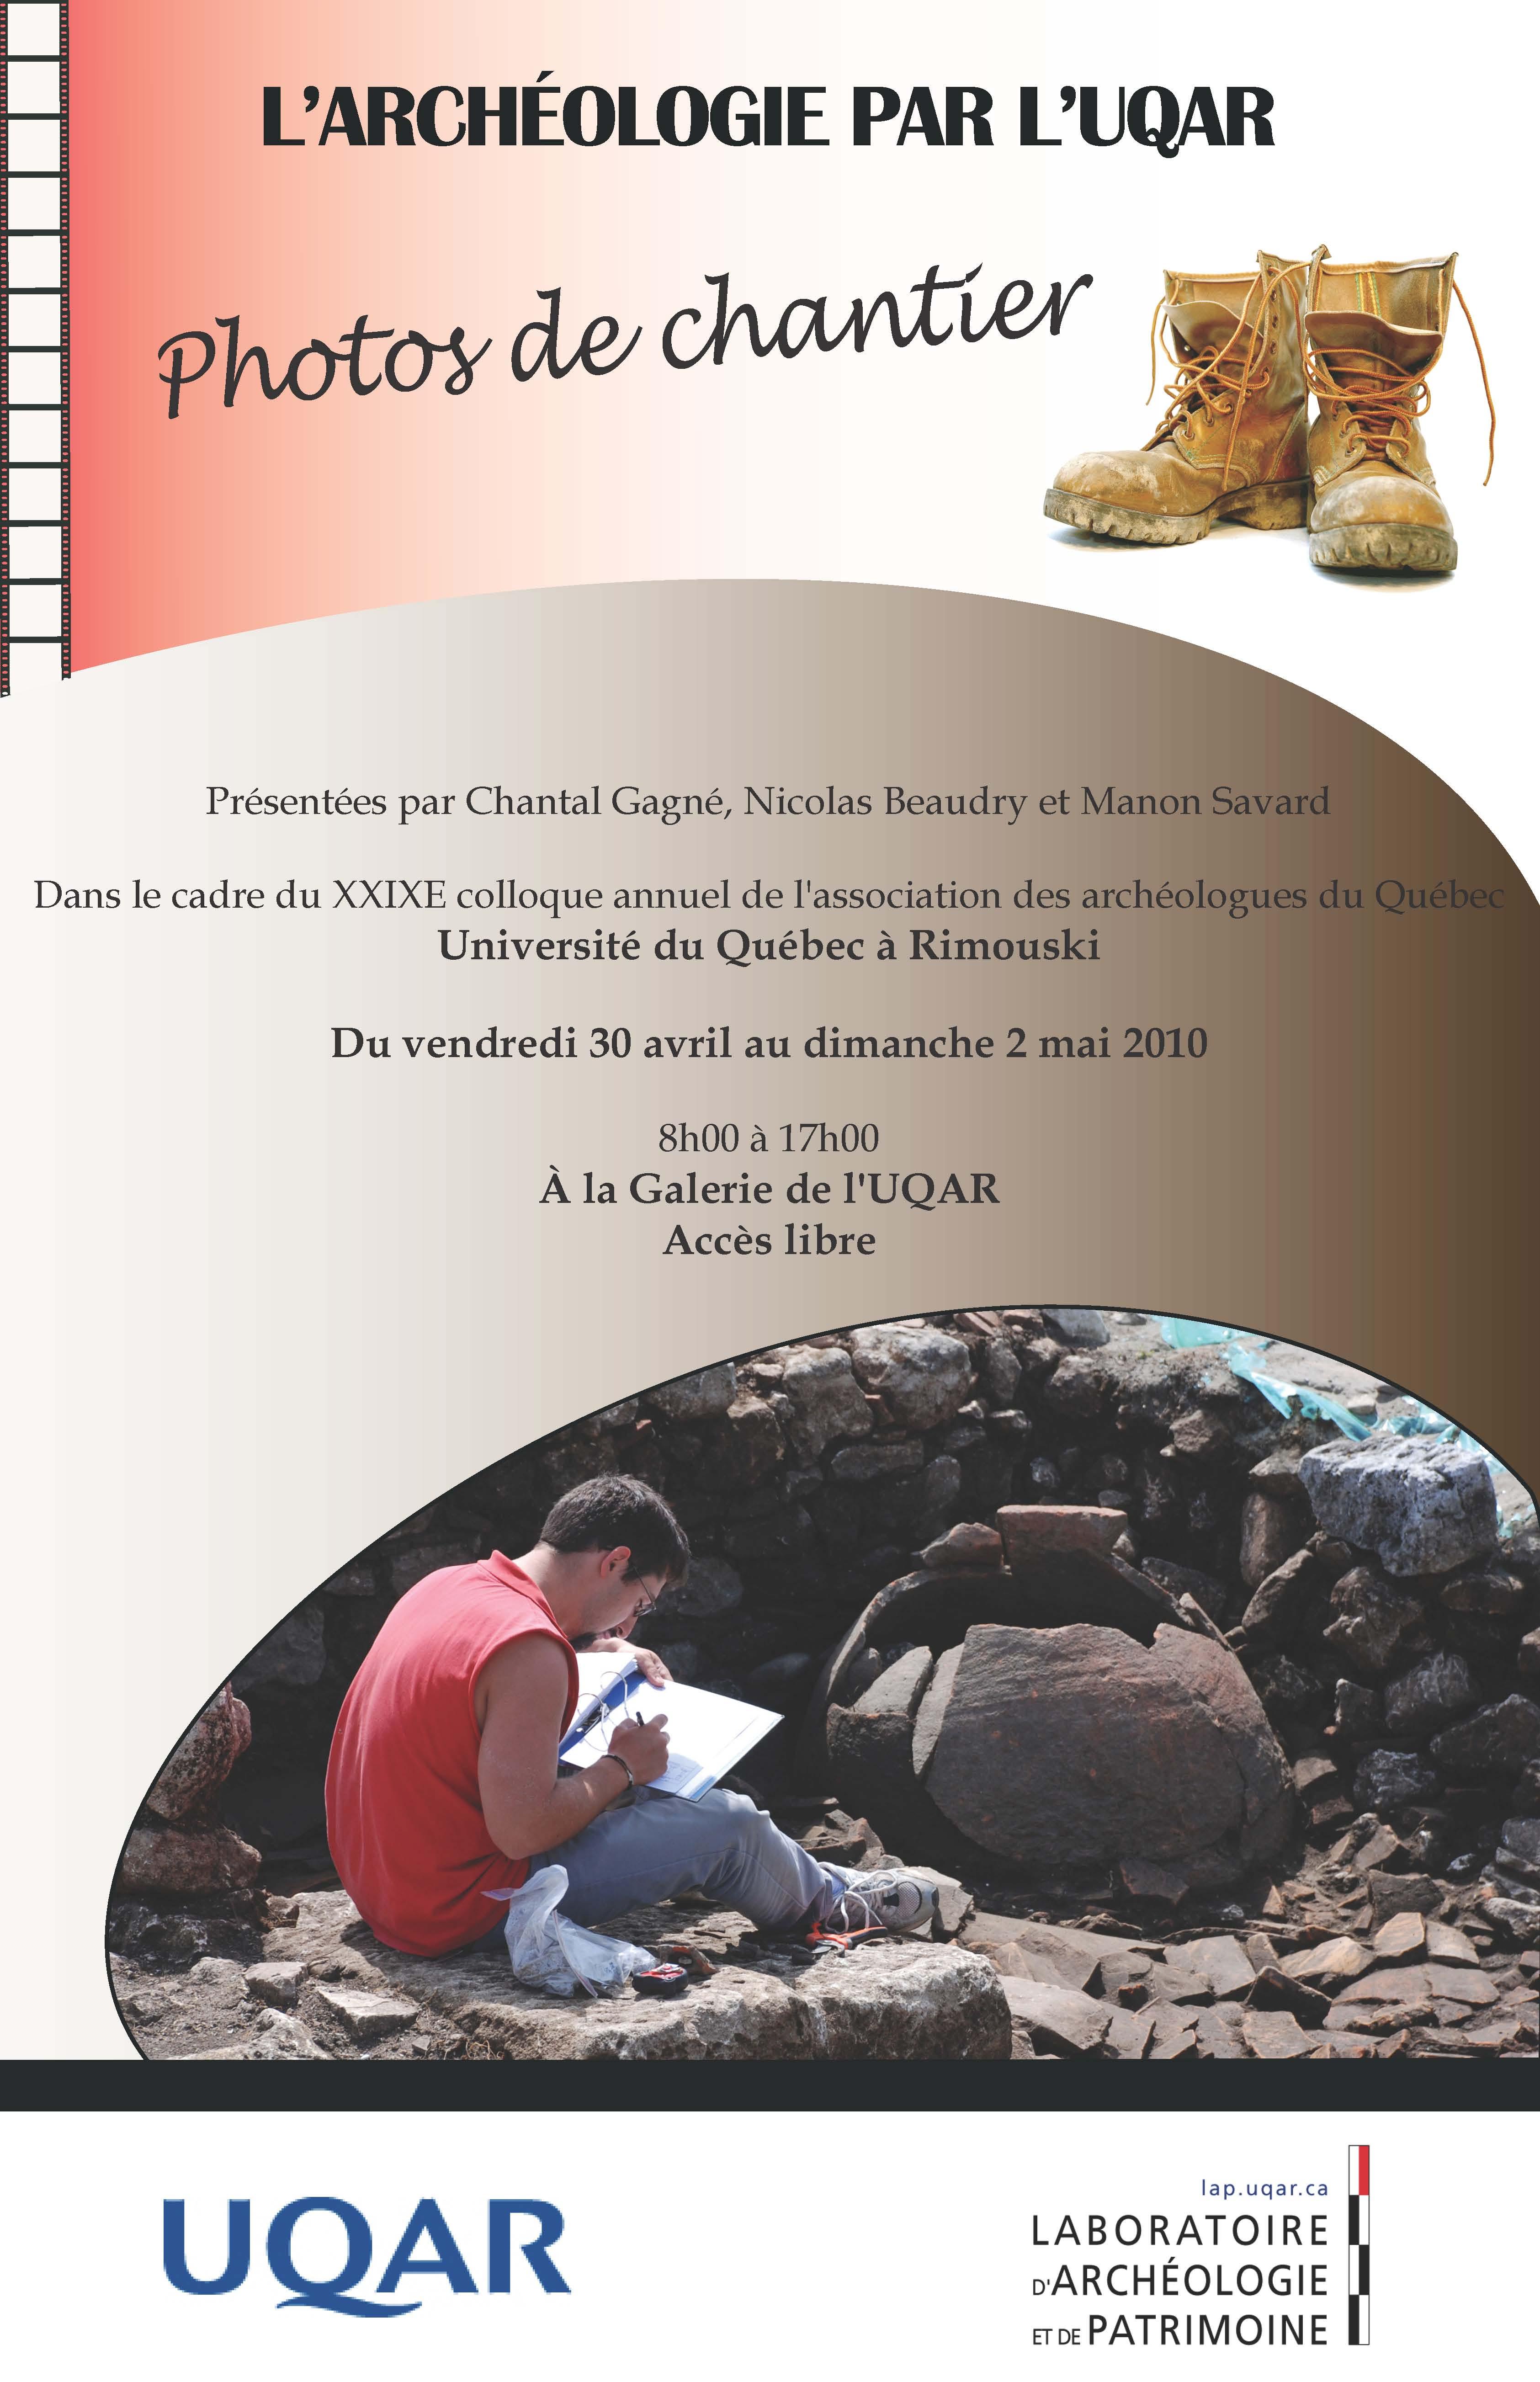 L'archéologie par l'UQAR, 2010